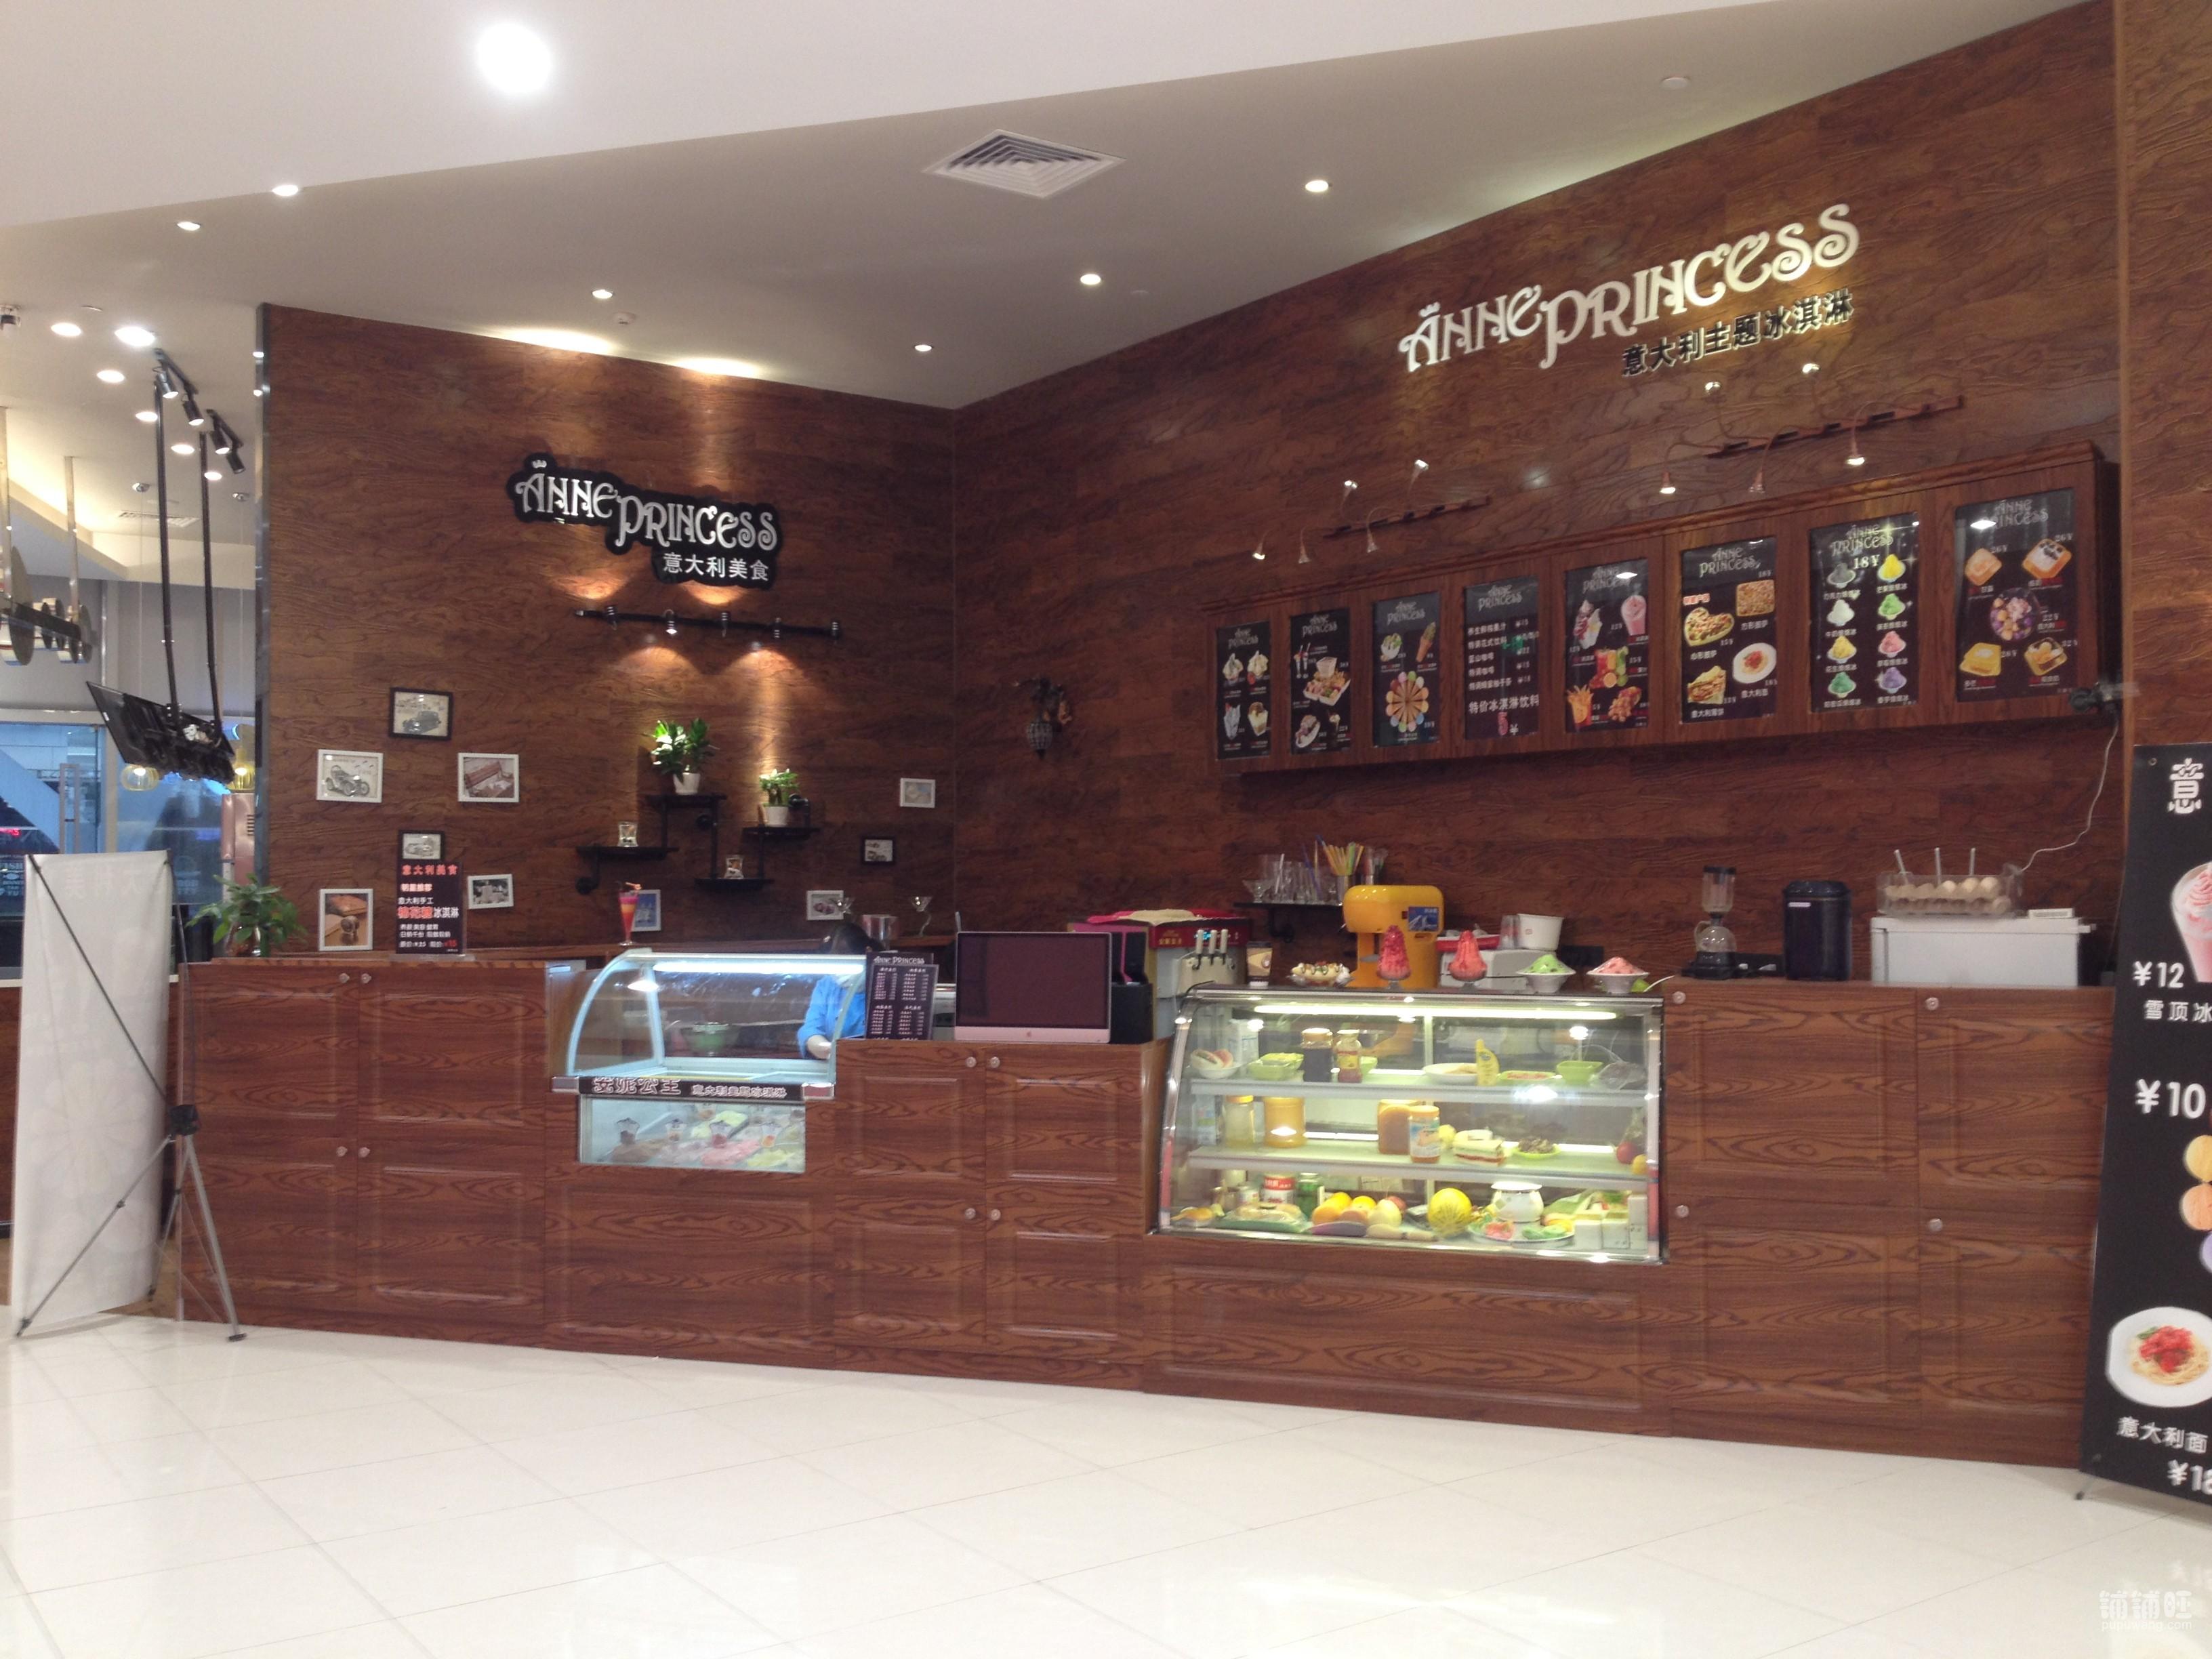 面的设计必须符合小吃店的行业特点,从外观和风格上使人一目了然,突出